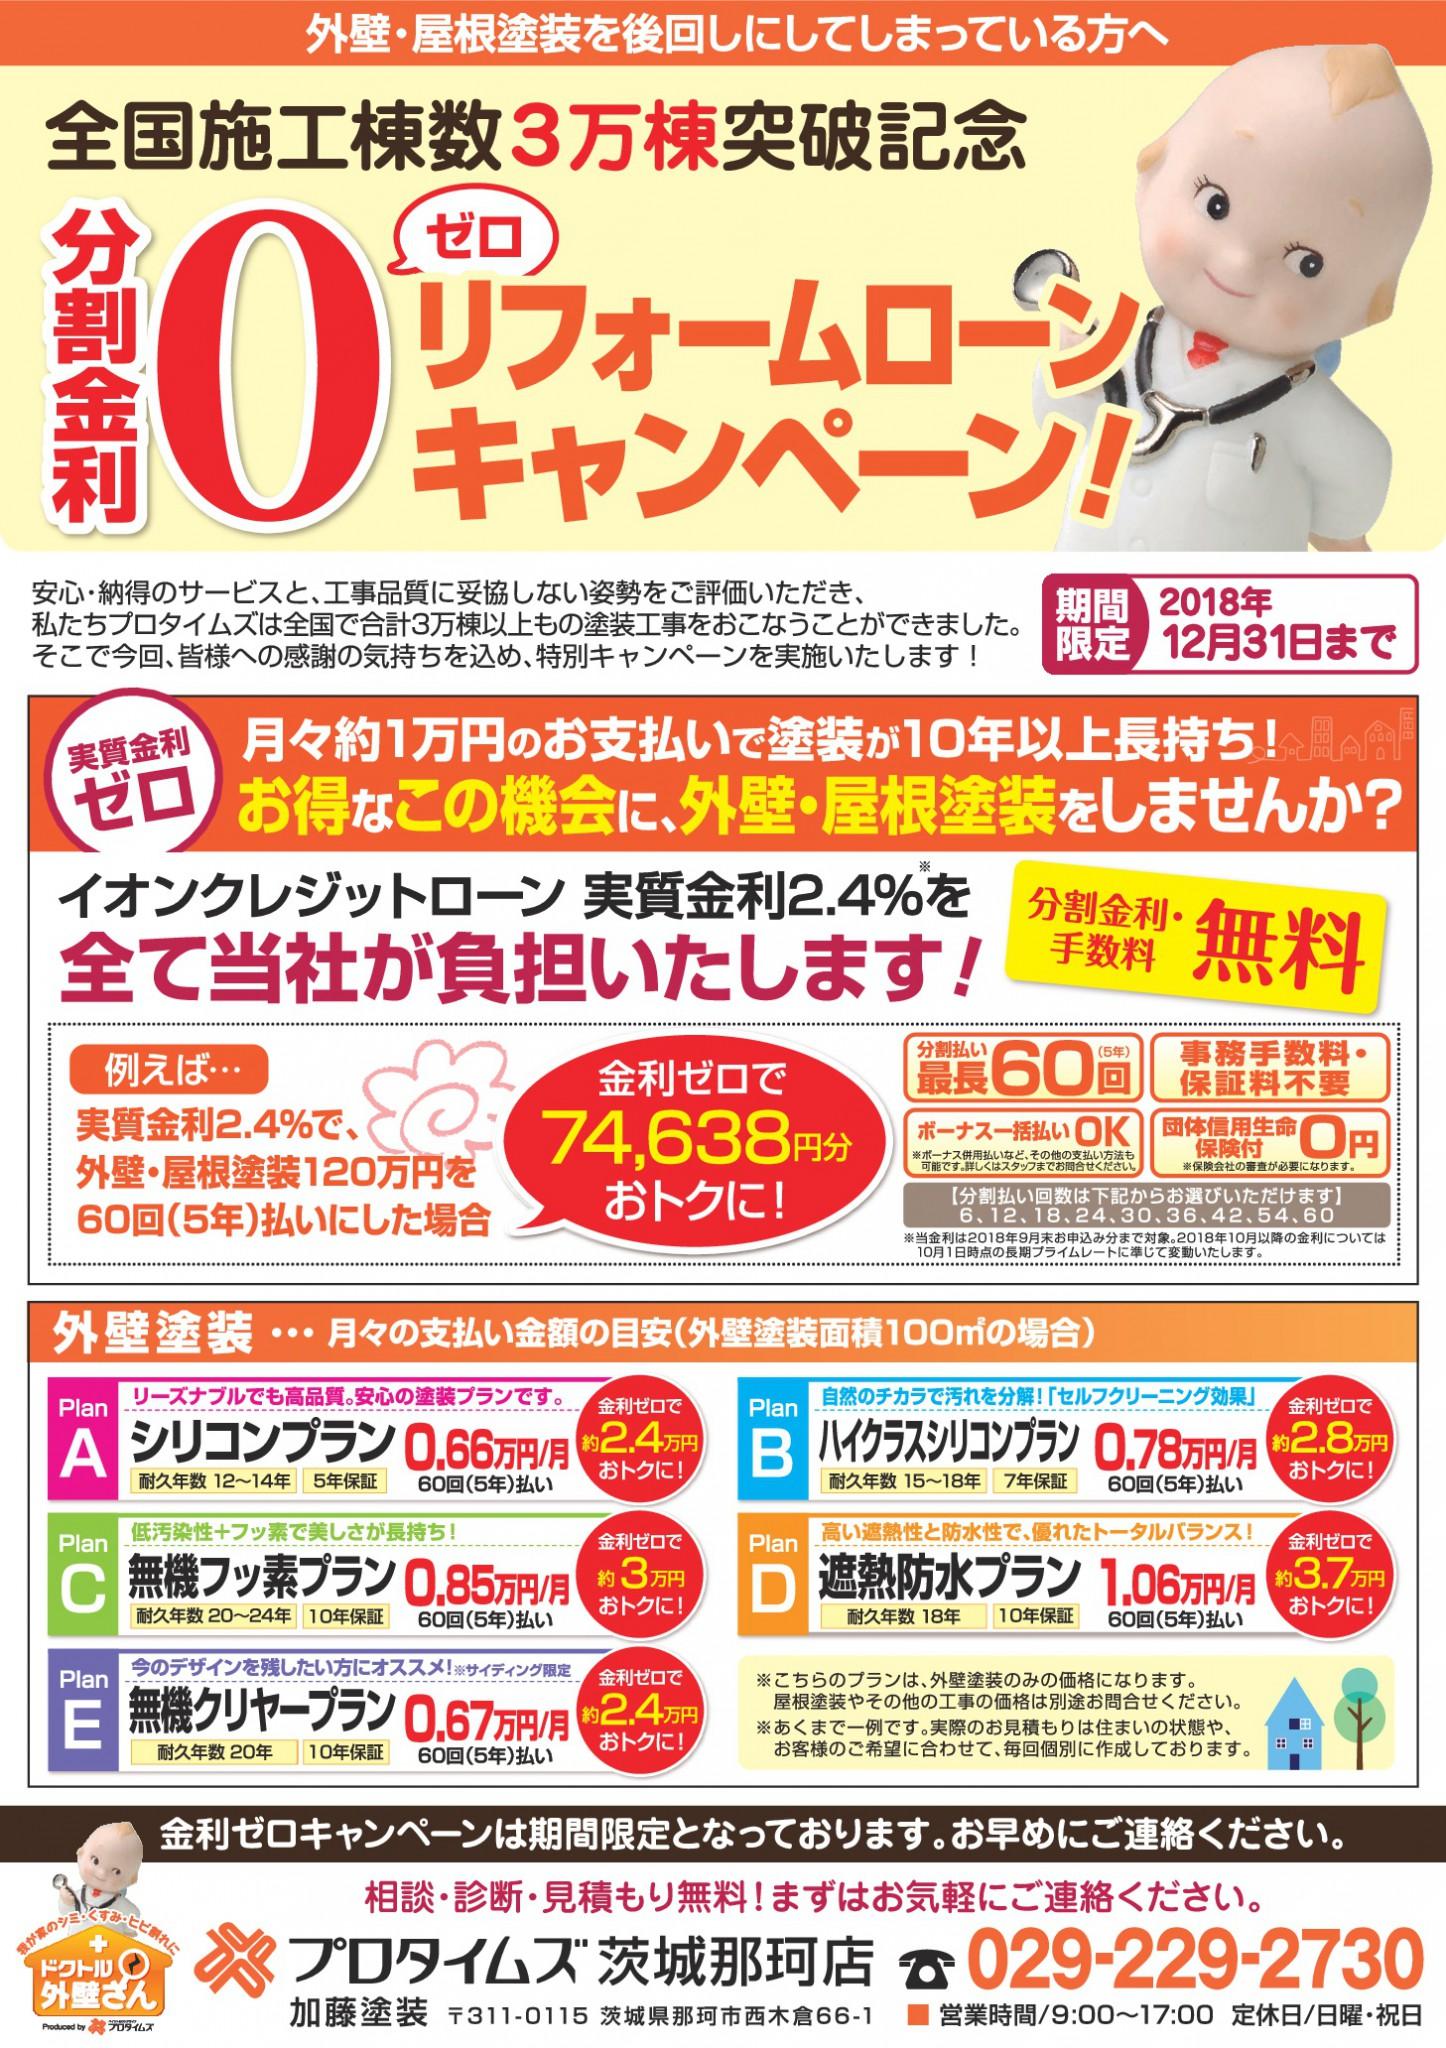 金利ゼロキャンペーン表-001